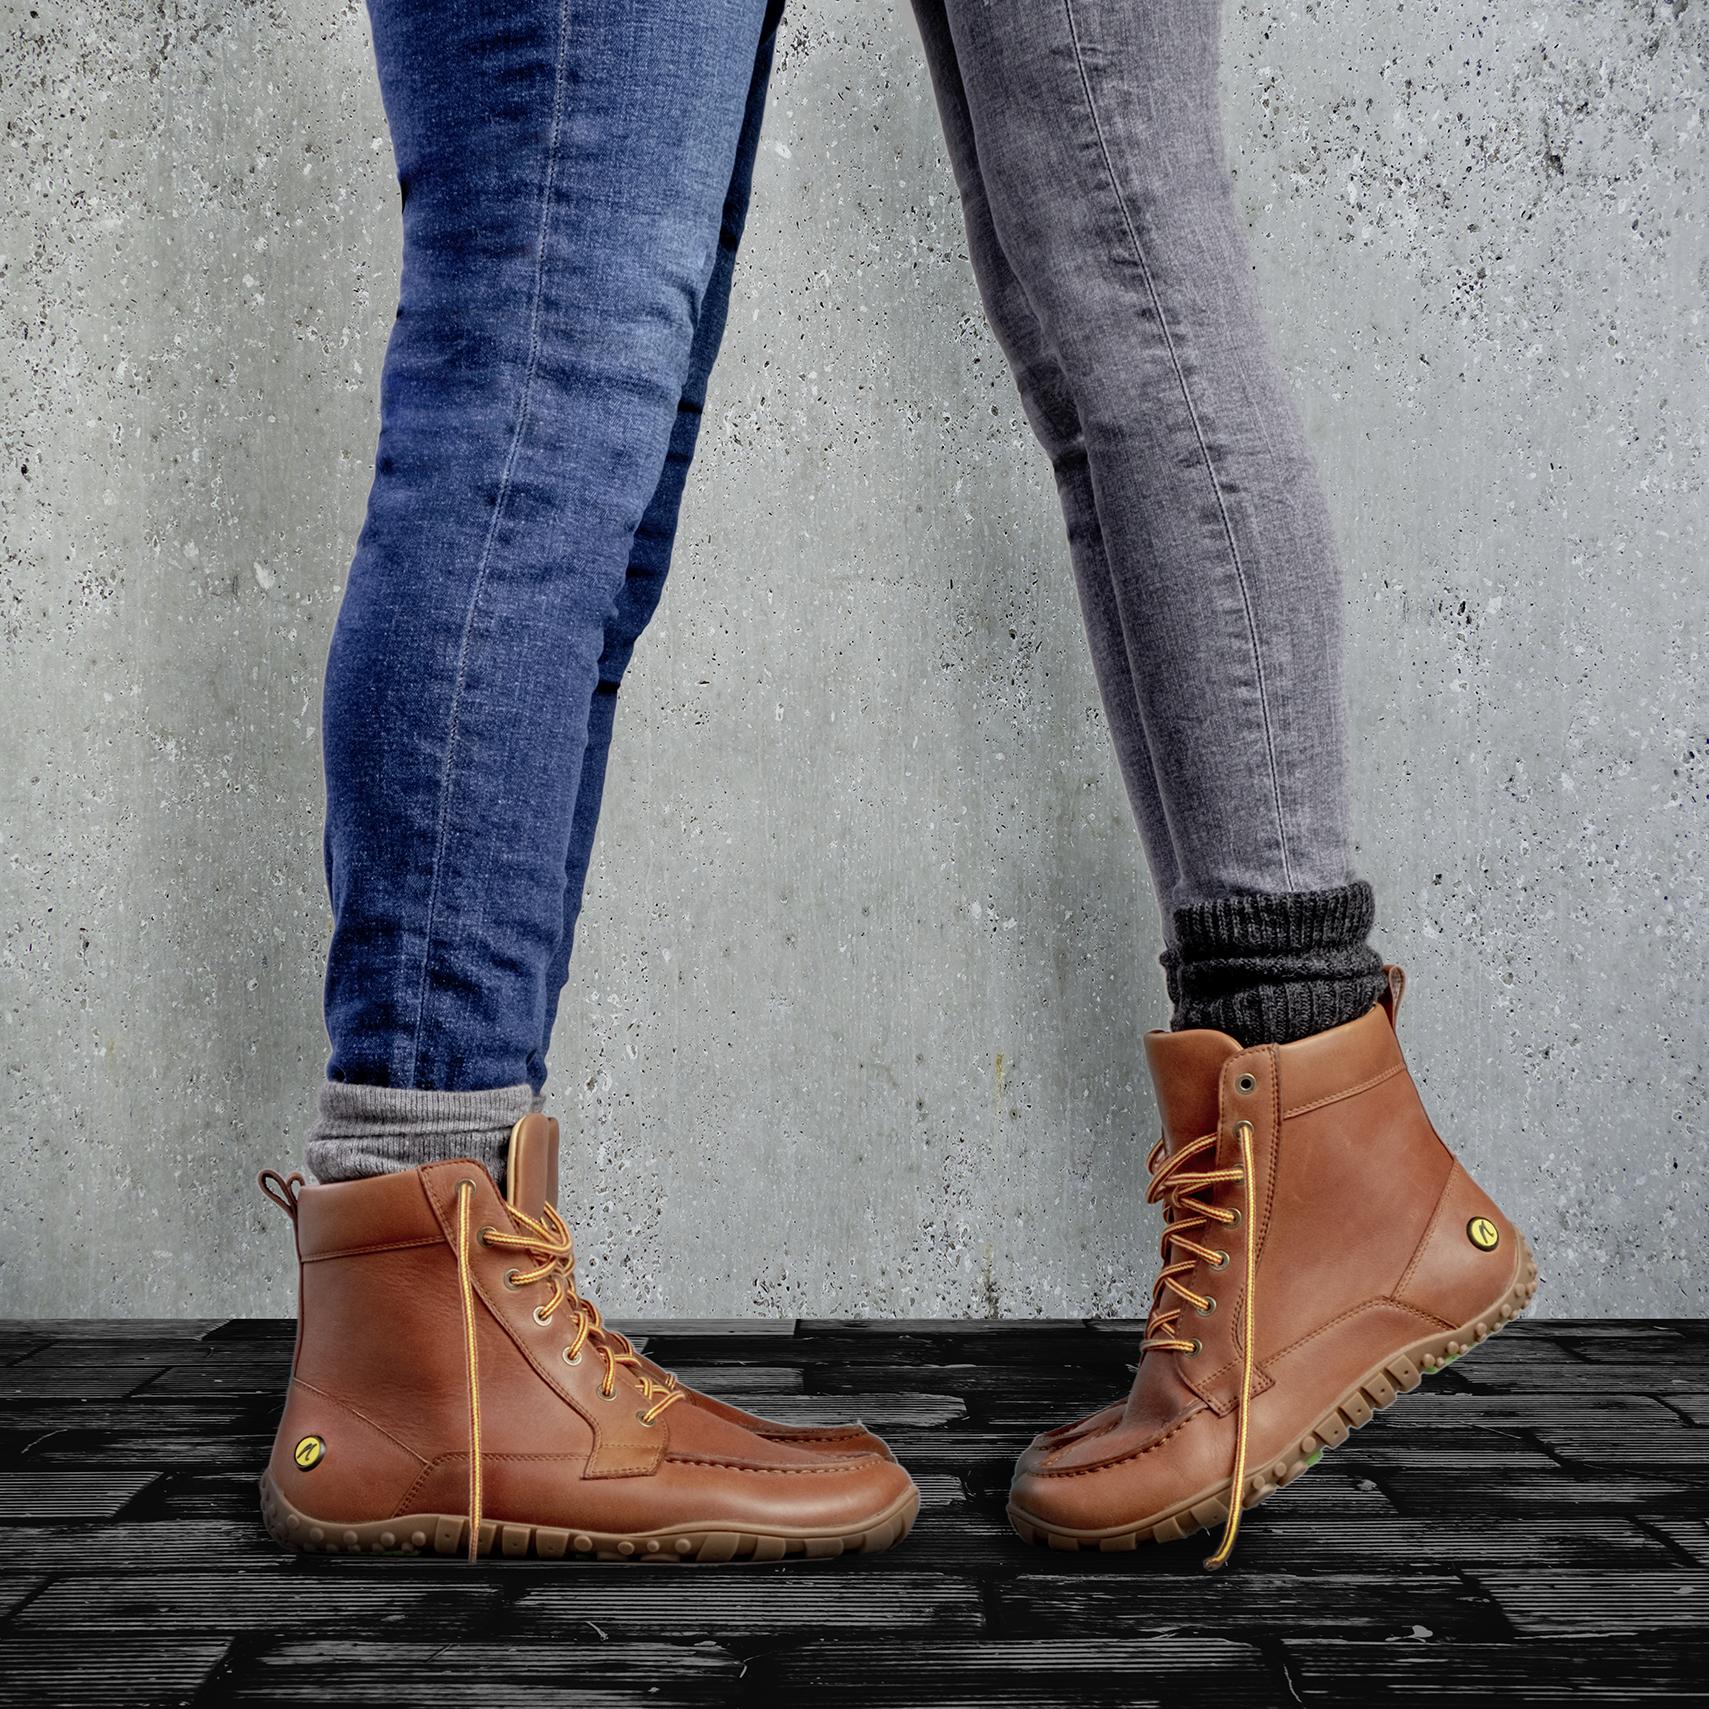 Stiefel online im quickfix.at Shop bestellen